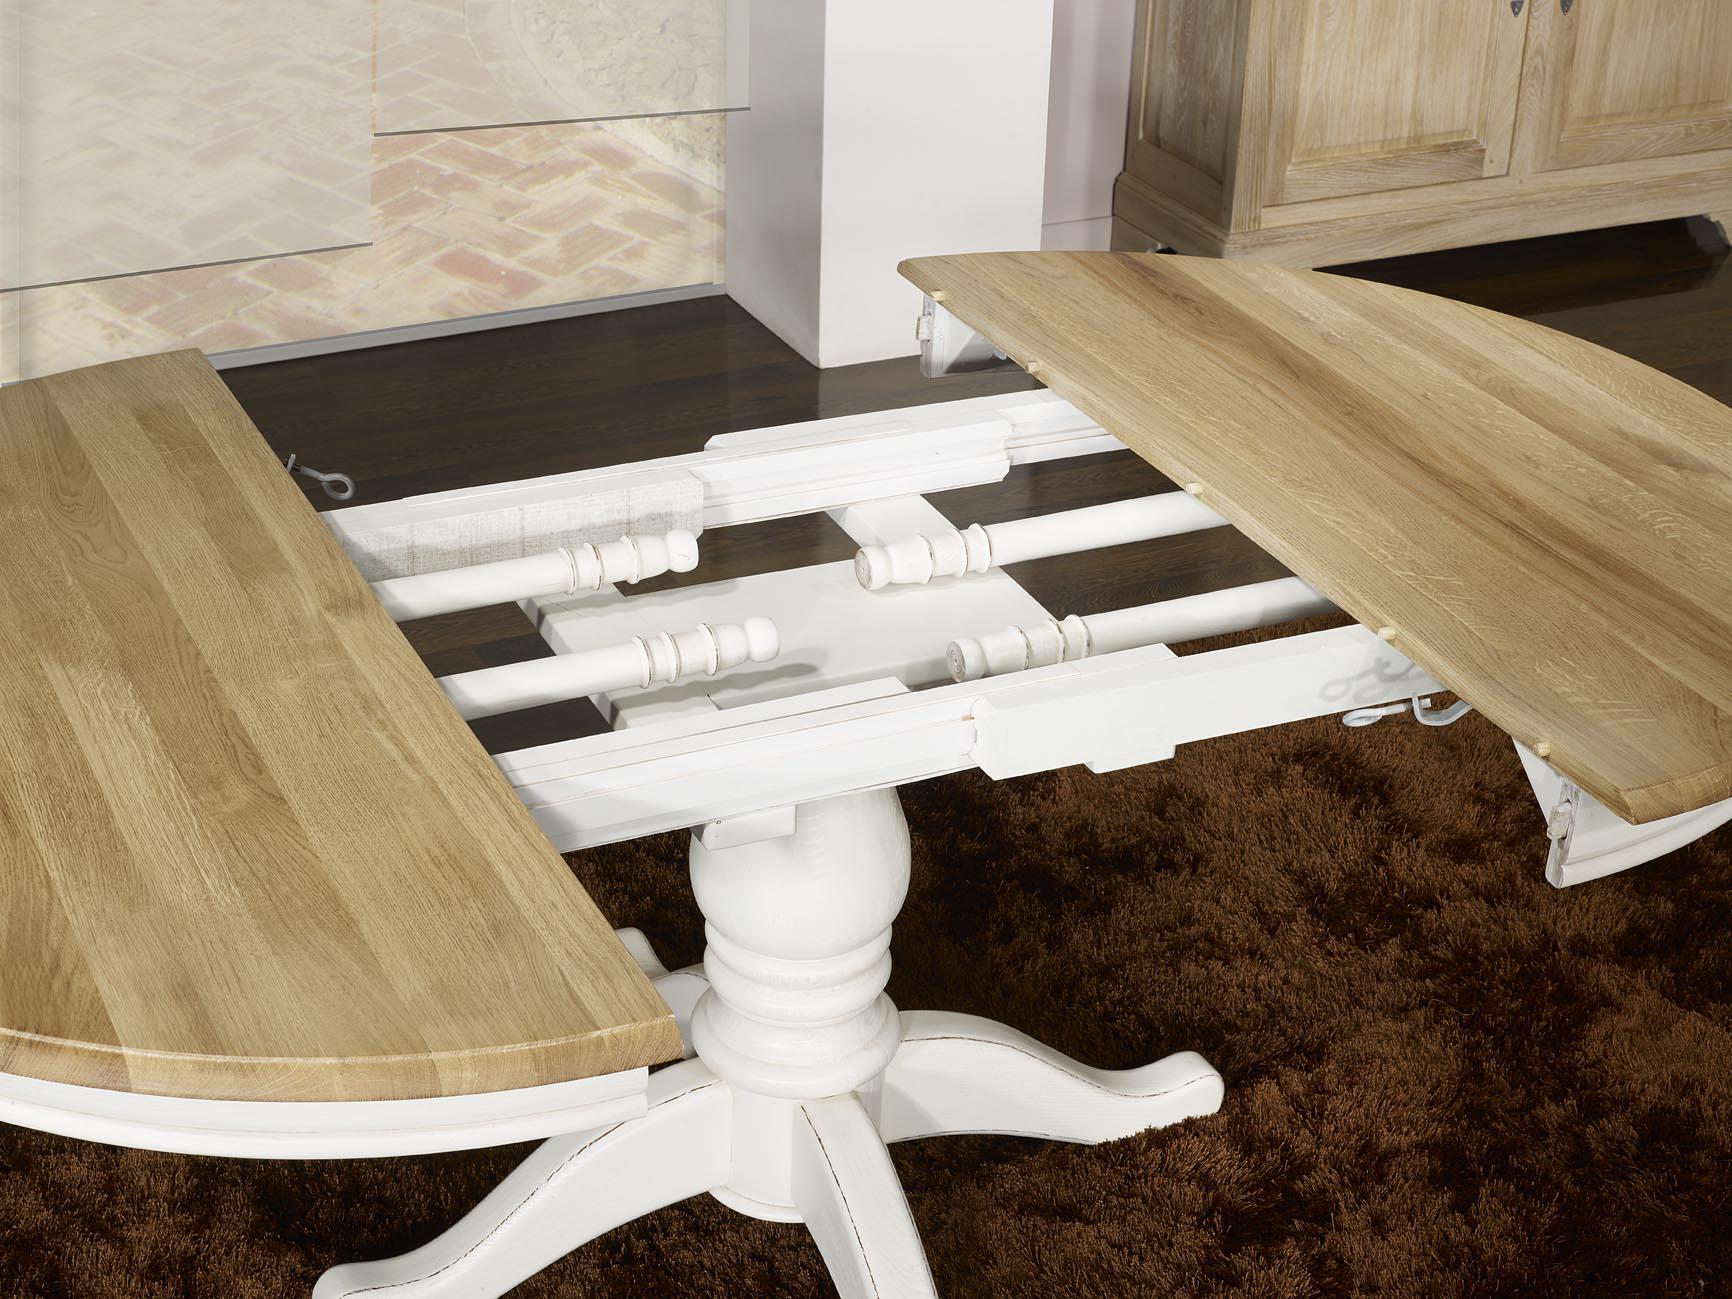 table ronde pied central bois massif. Black Bedroom Furniture Sets. Home Design Ideas